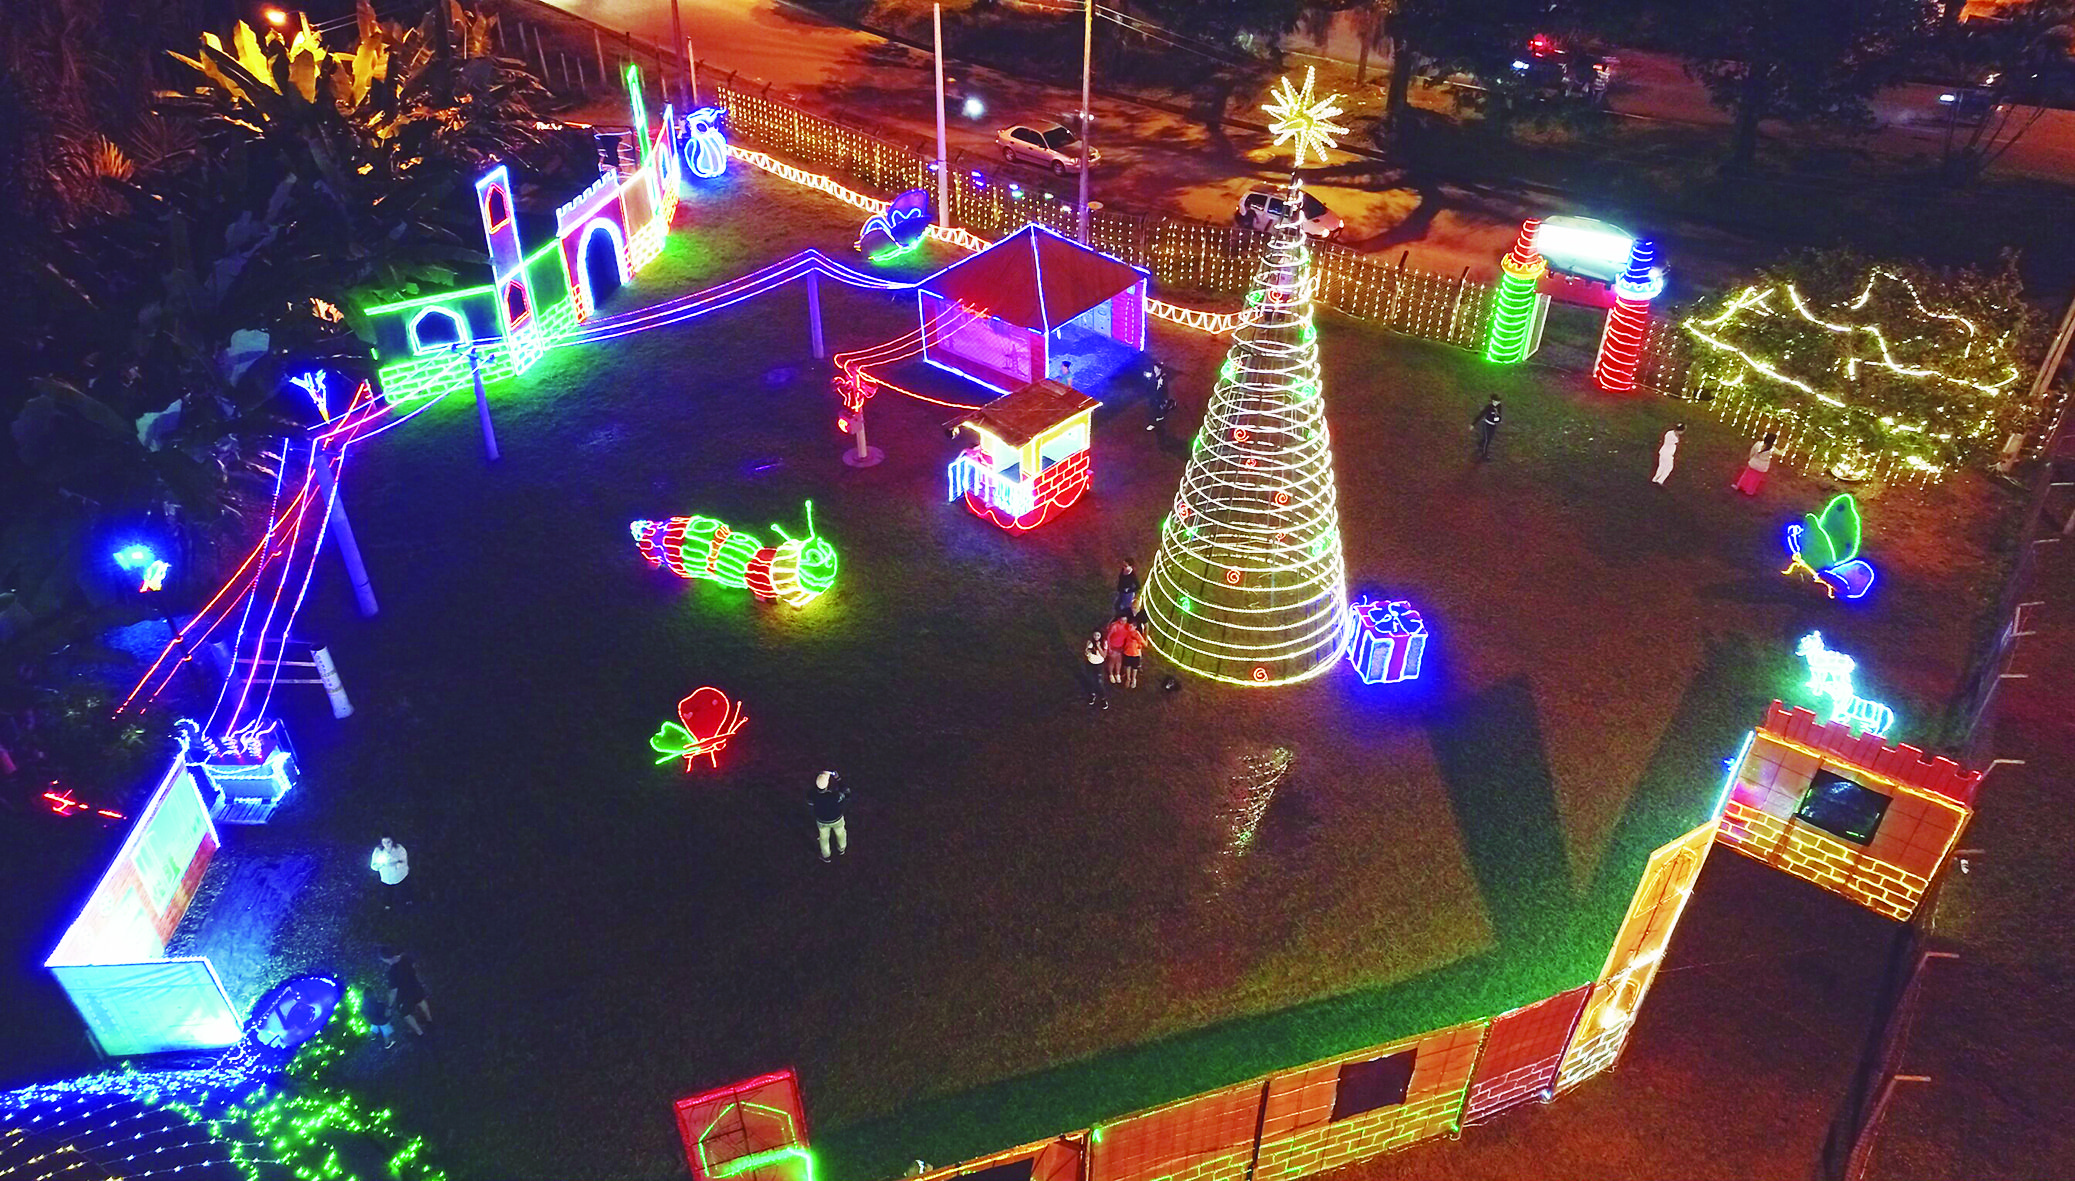 Enertolima encendió parques y su 'Ruta de la energía' en esta Navidad